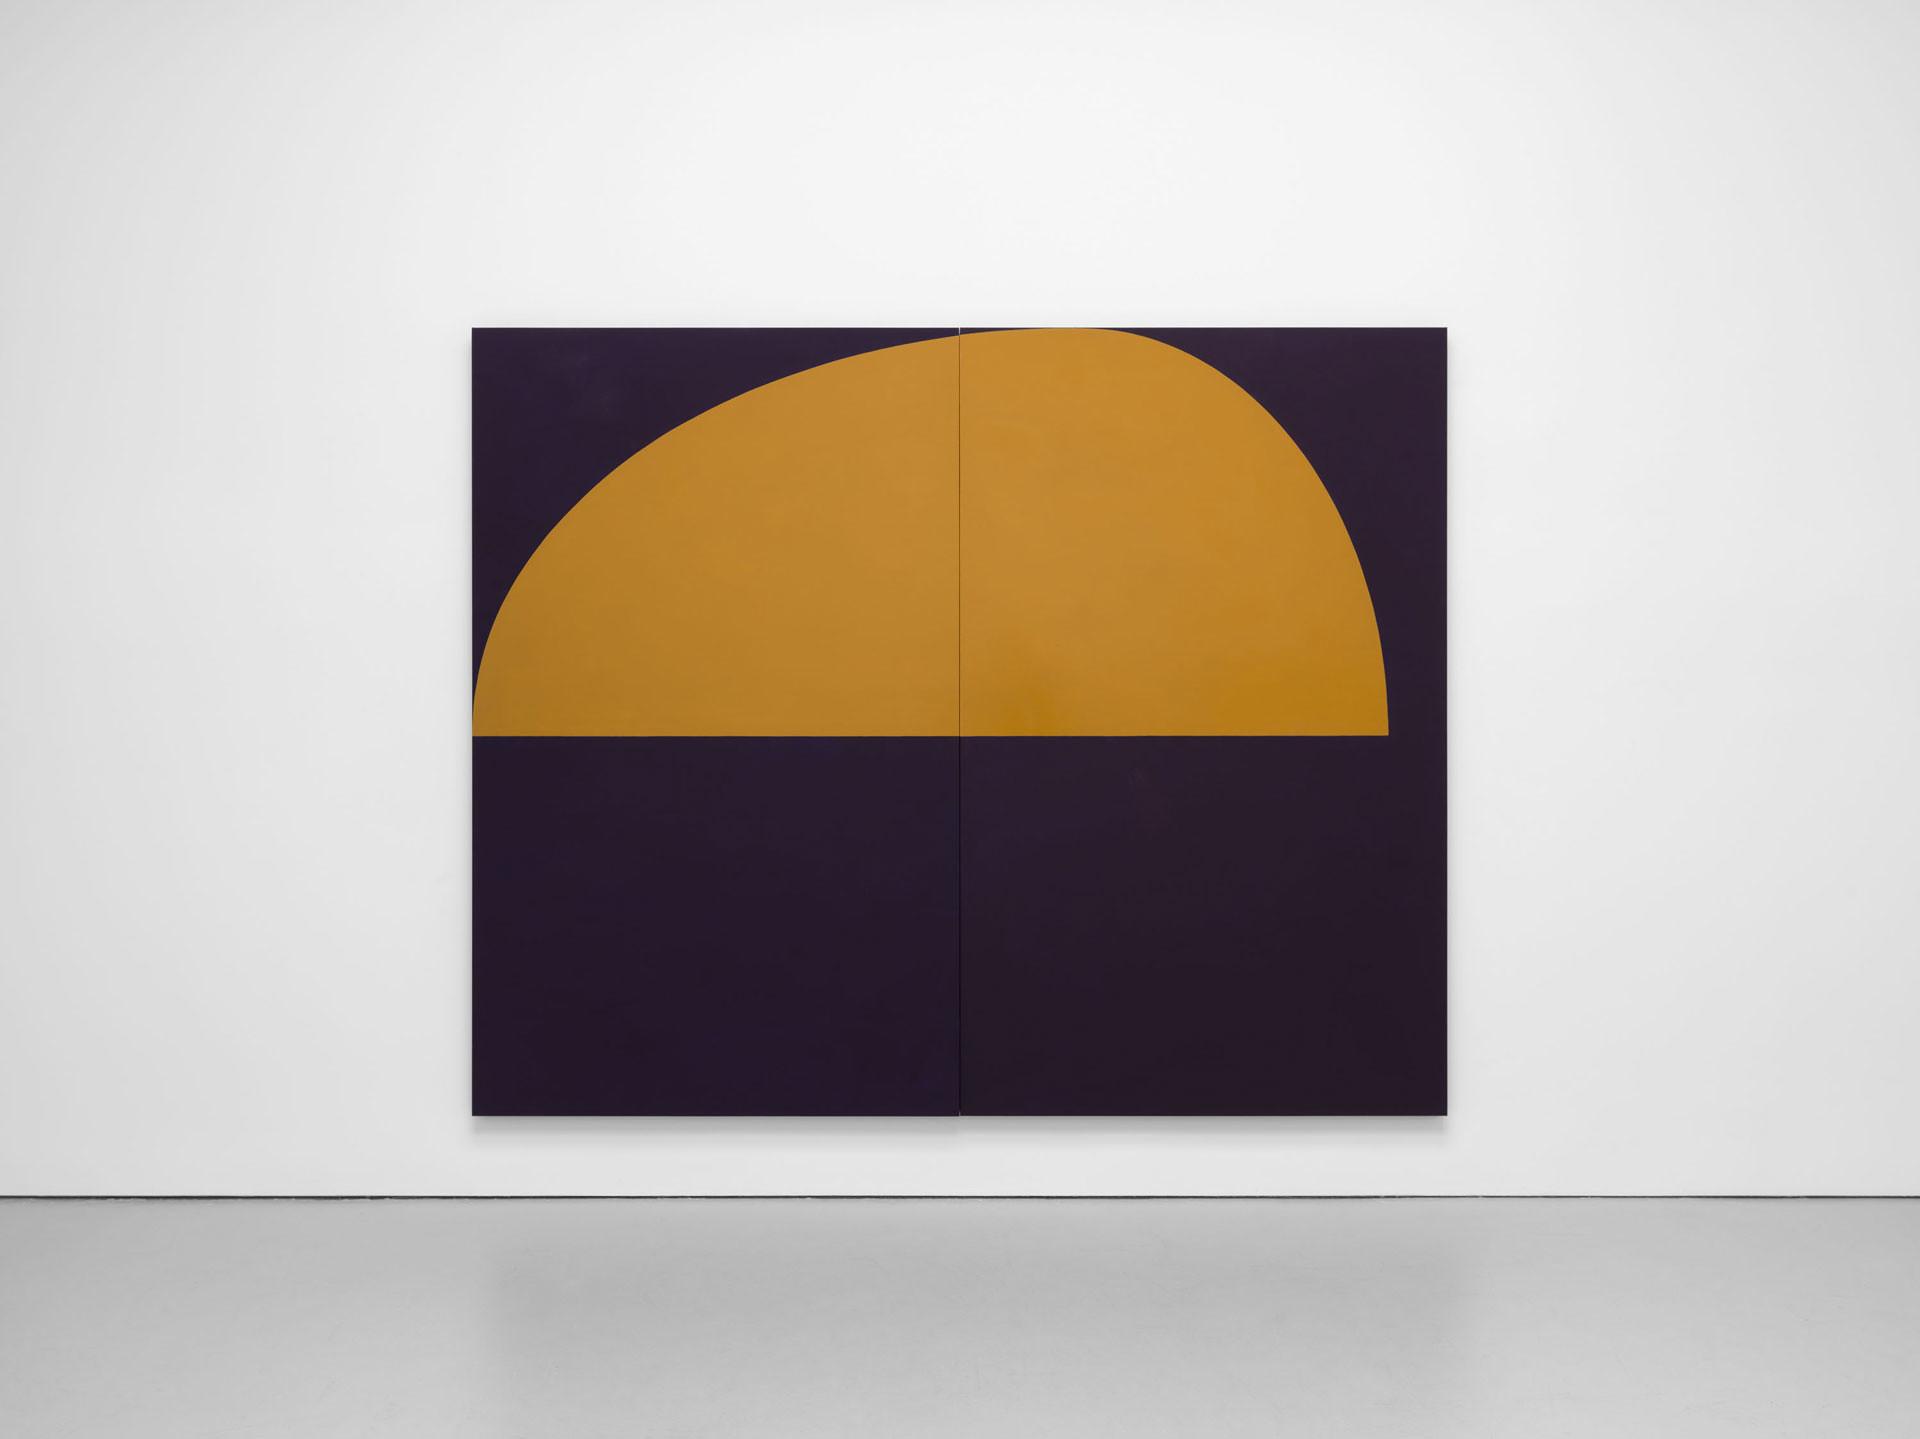 Yellow-Lantern-Suzan-Frecon